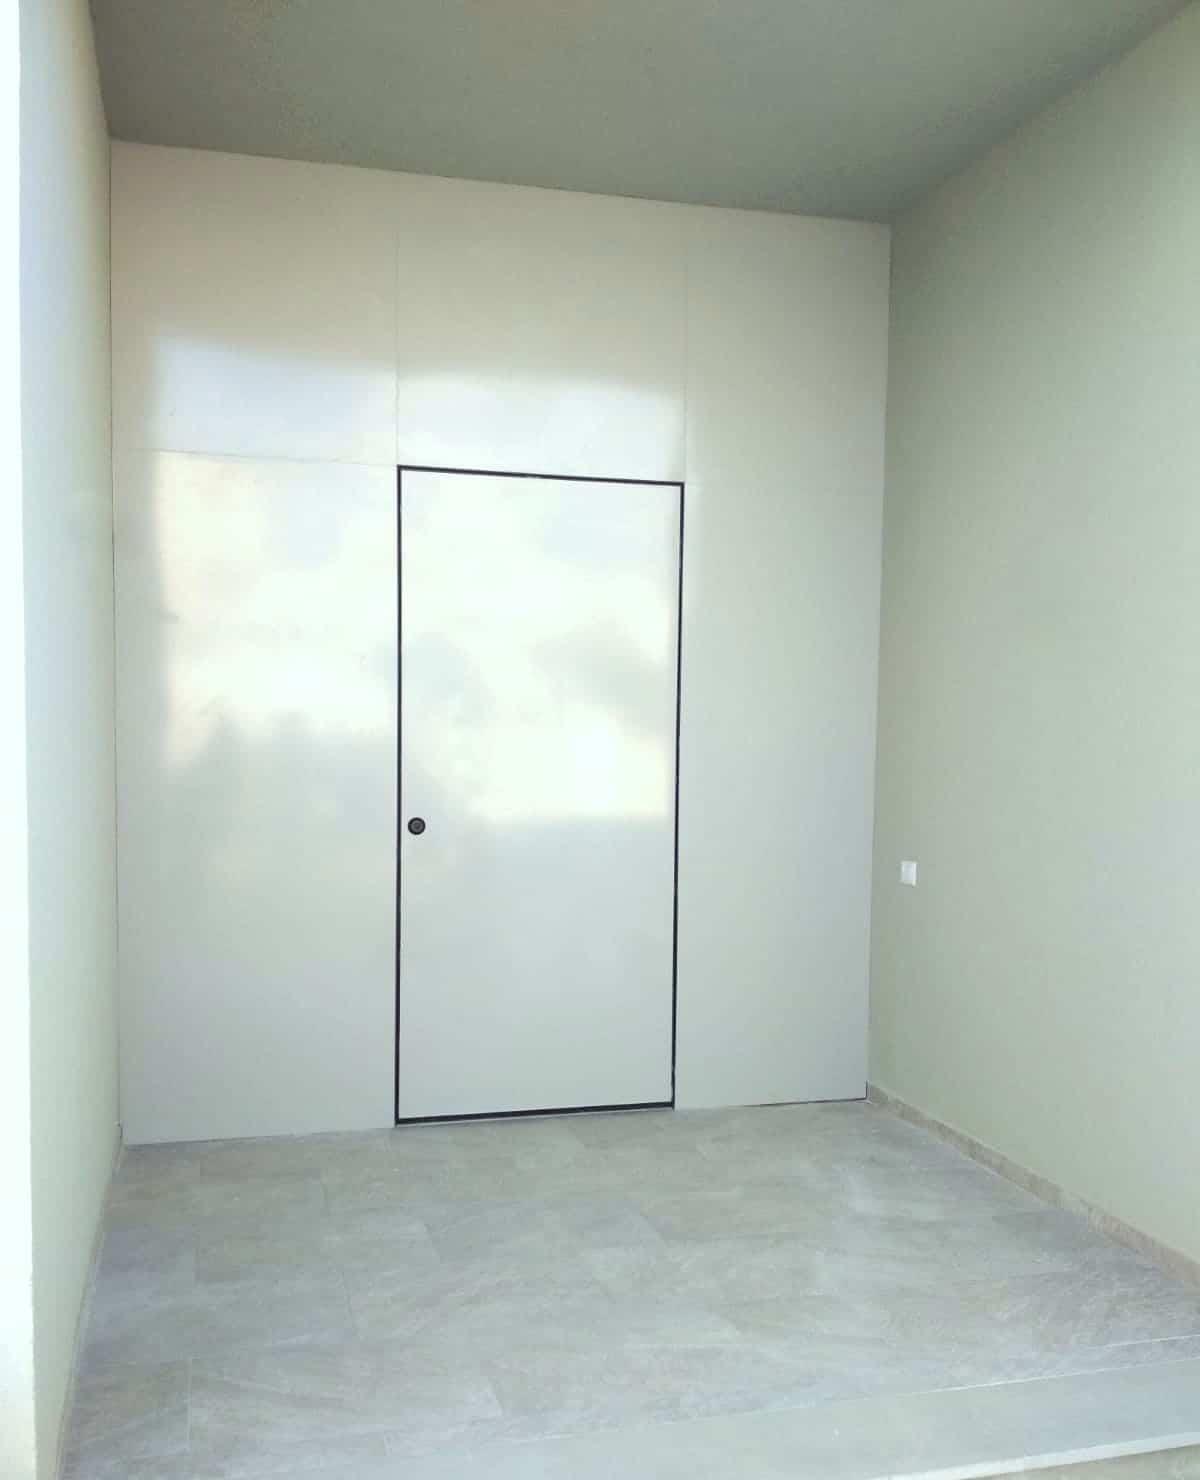 דלת כניסה עם משקוף נסתר